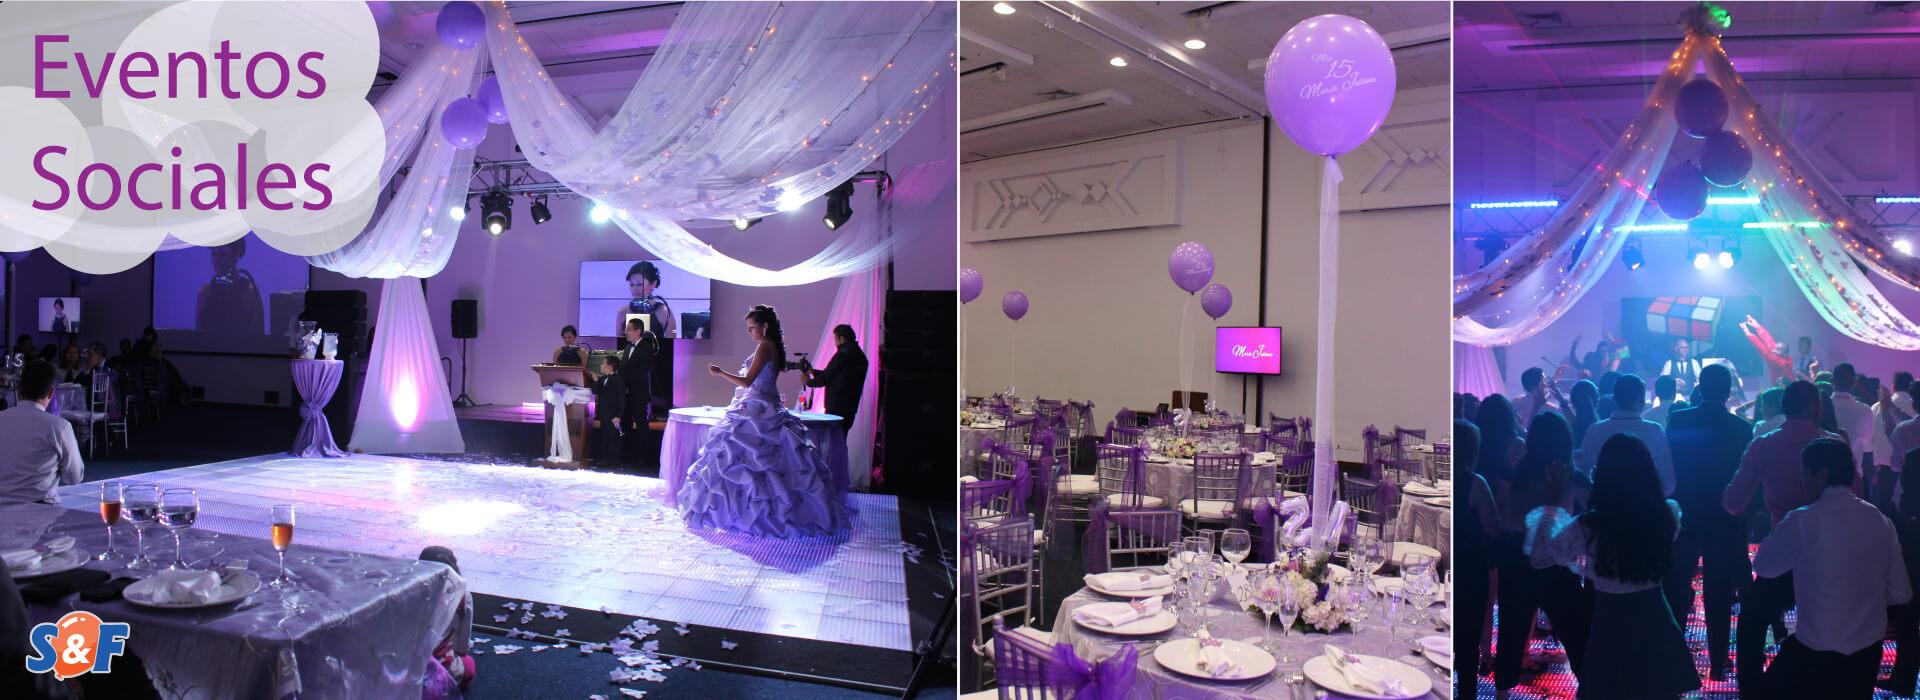 Evento Social de 15 Años Espectacular, con pista LED, pagoda, miniteca y decoración de ambiente en tonos lilas y fucsias